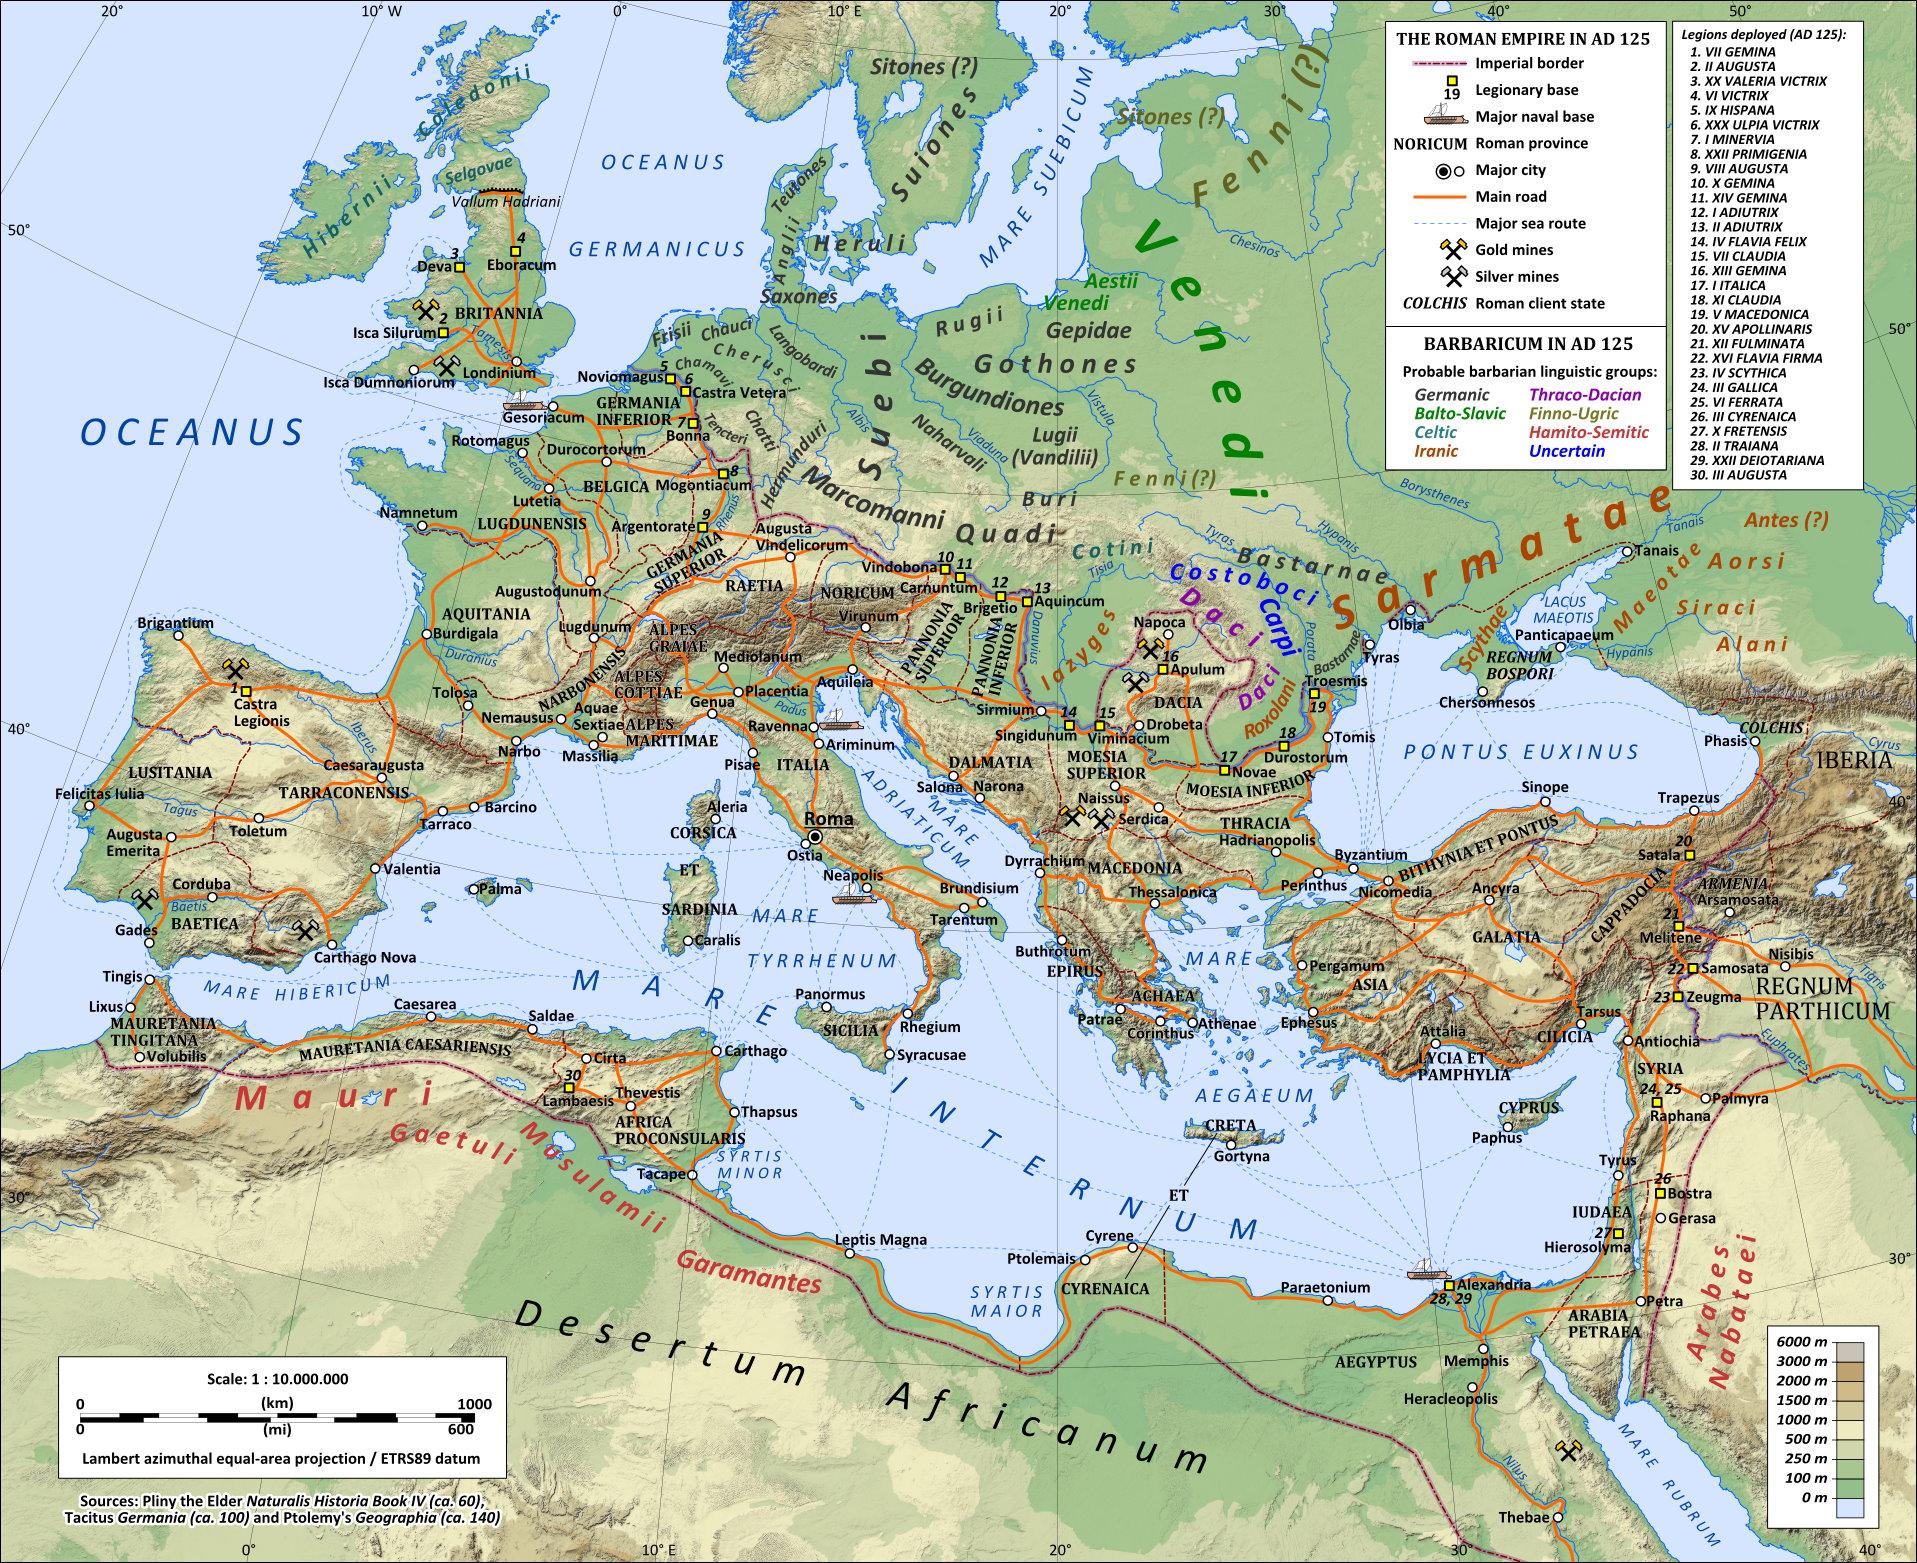 verlorene römische legion